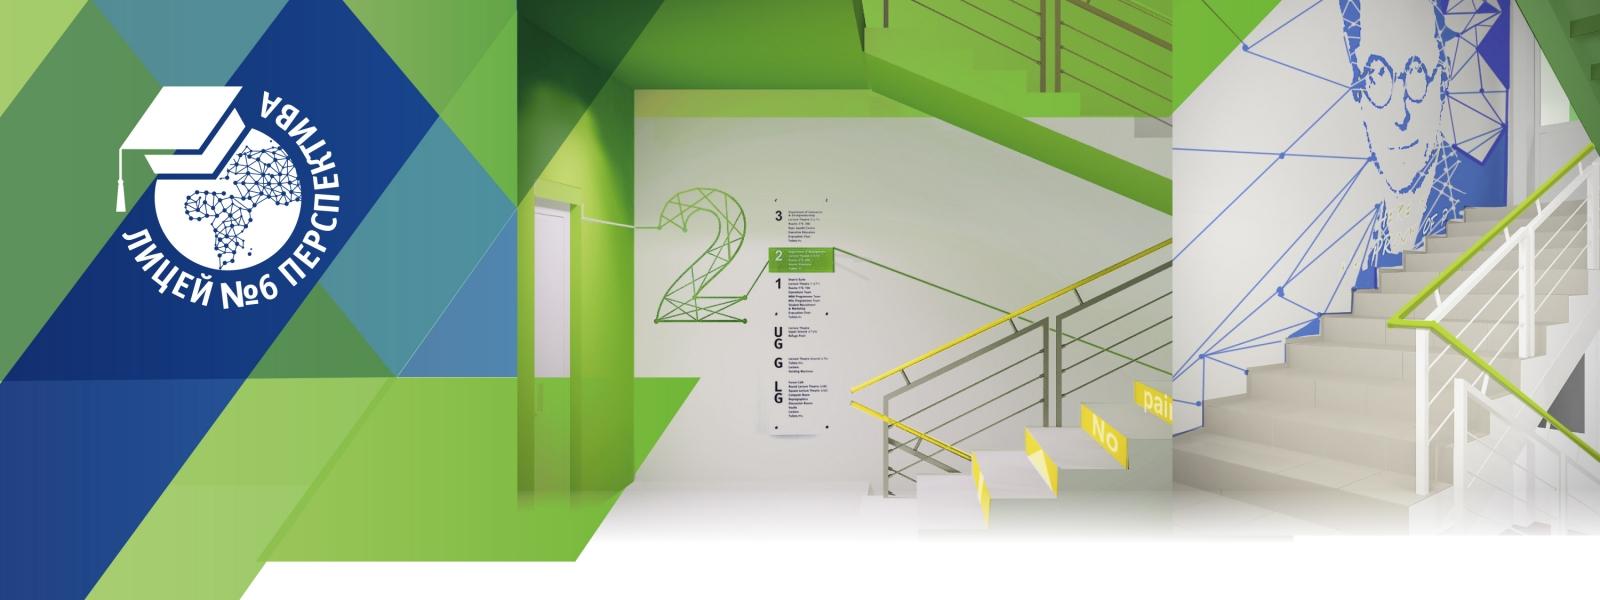 work-Дизайн-проект интерьера Лицея № 6 в Красноярске